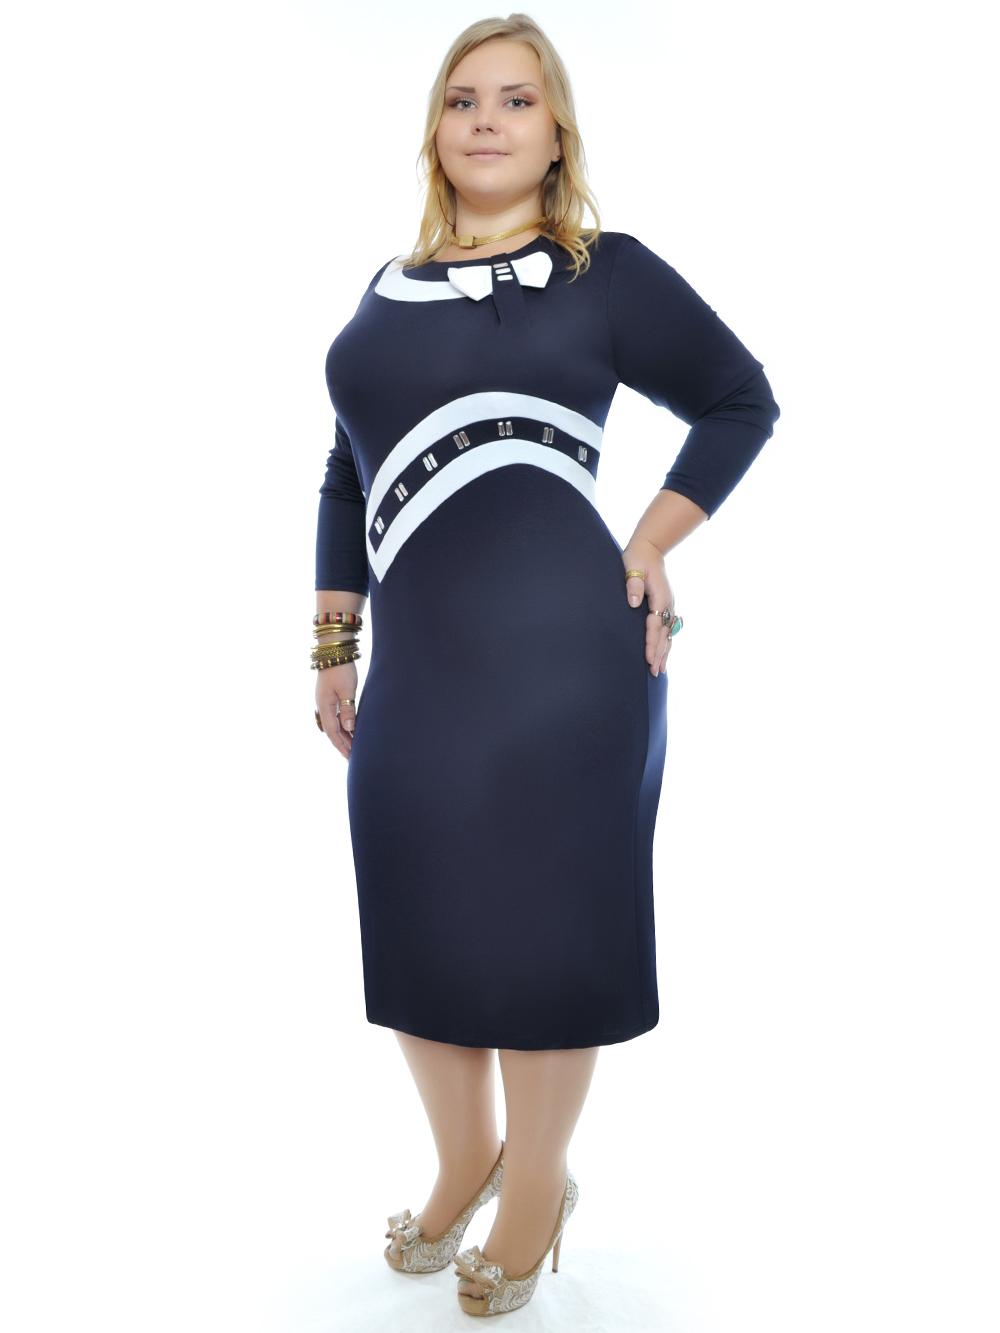 Витт Женская Одежда Больших Размеров Доставка